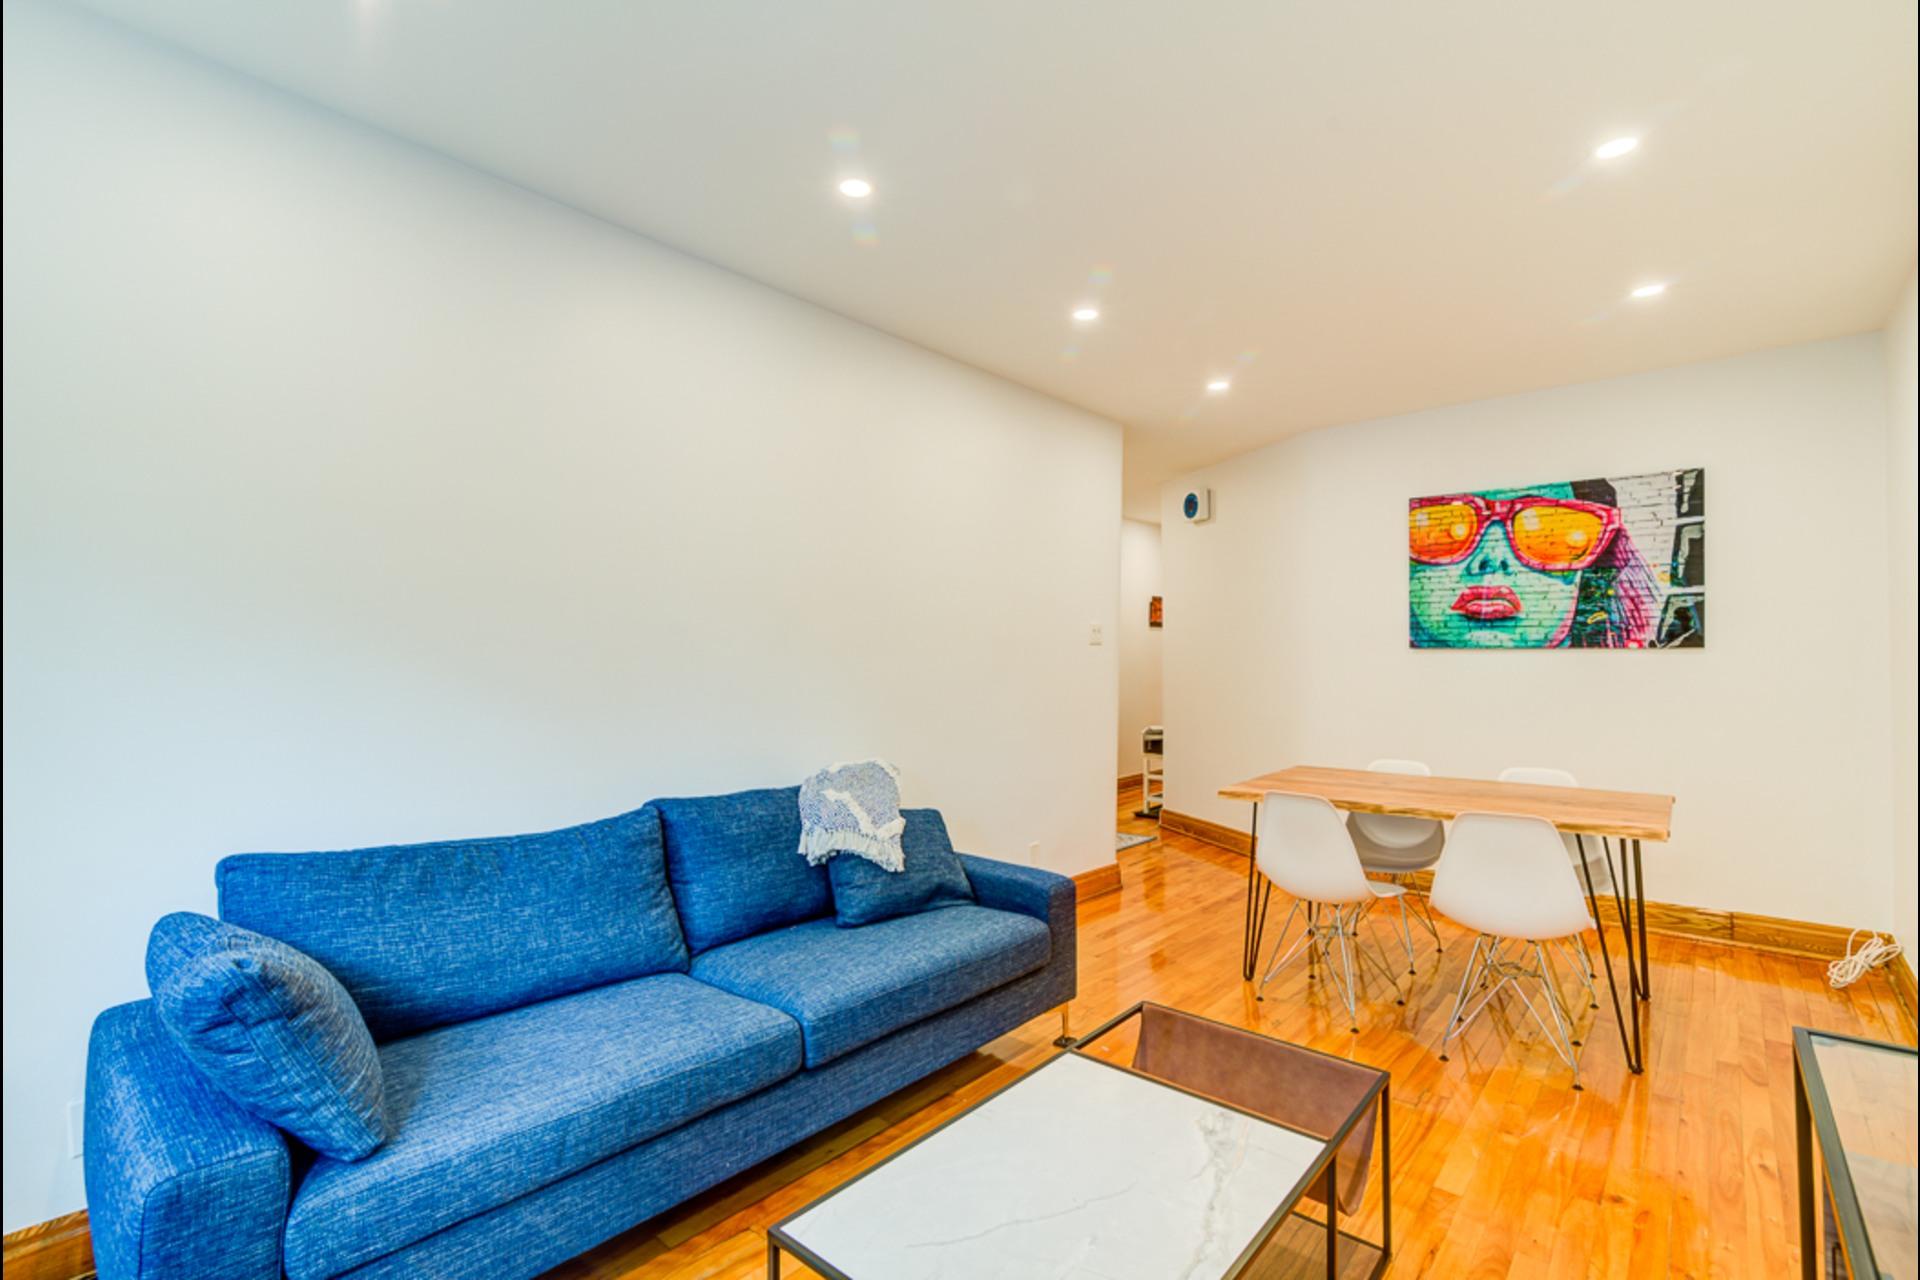 image 6 - House For rent Montréal